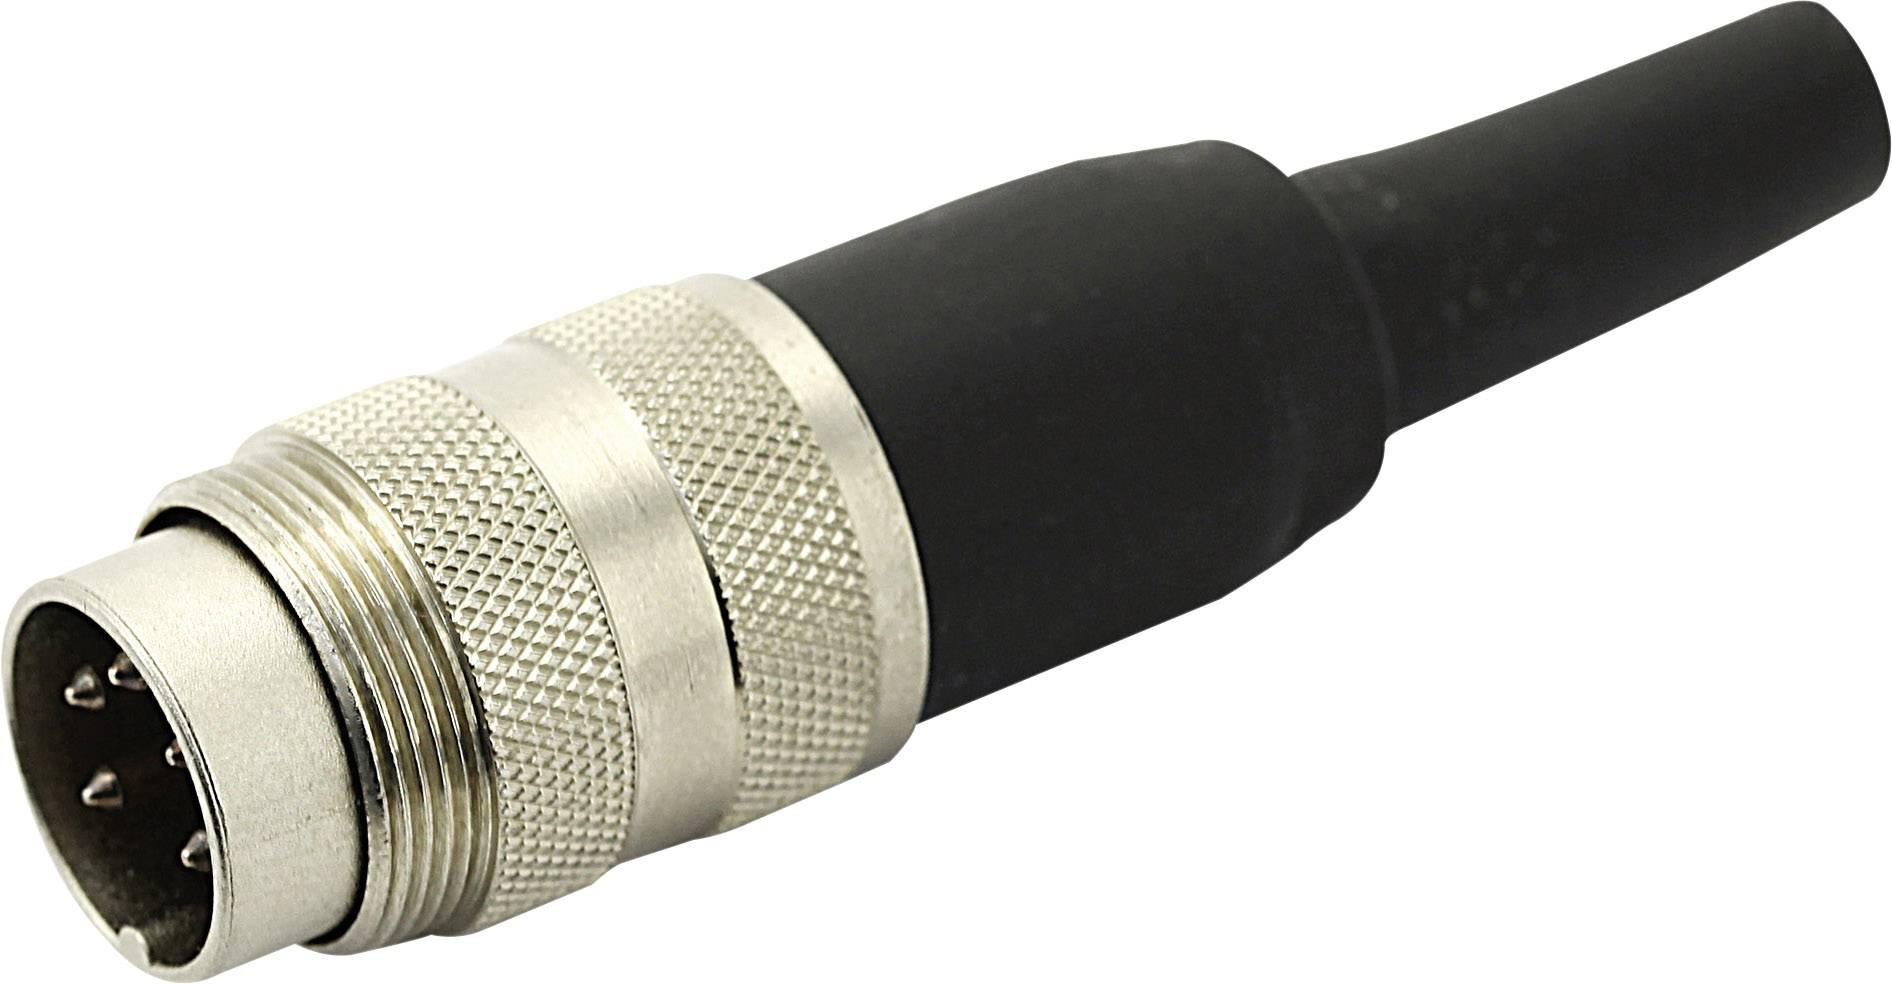 Kabelová zástrčka rovná 8 pólo3-12 pólová, 250 V, 5 A